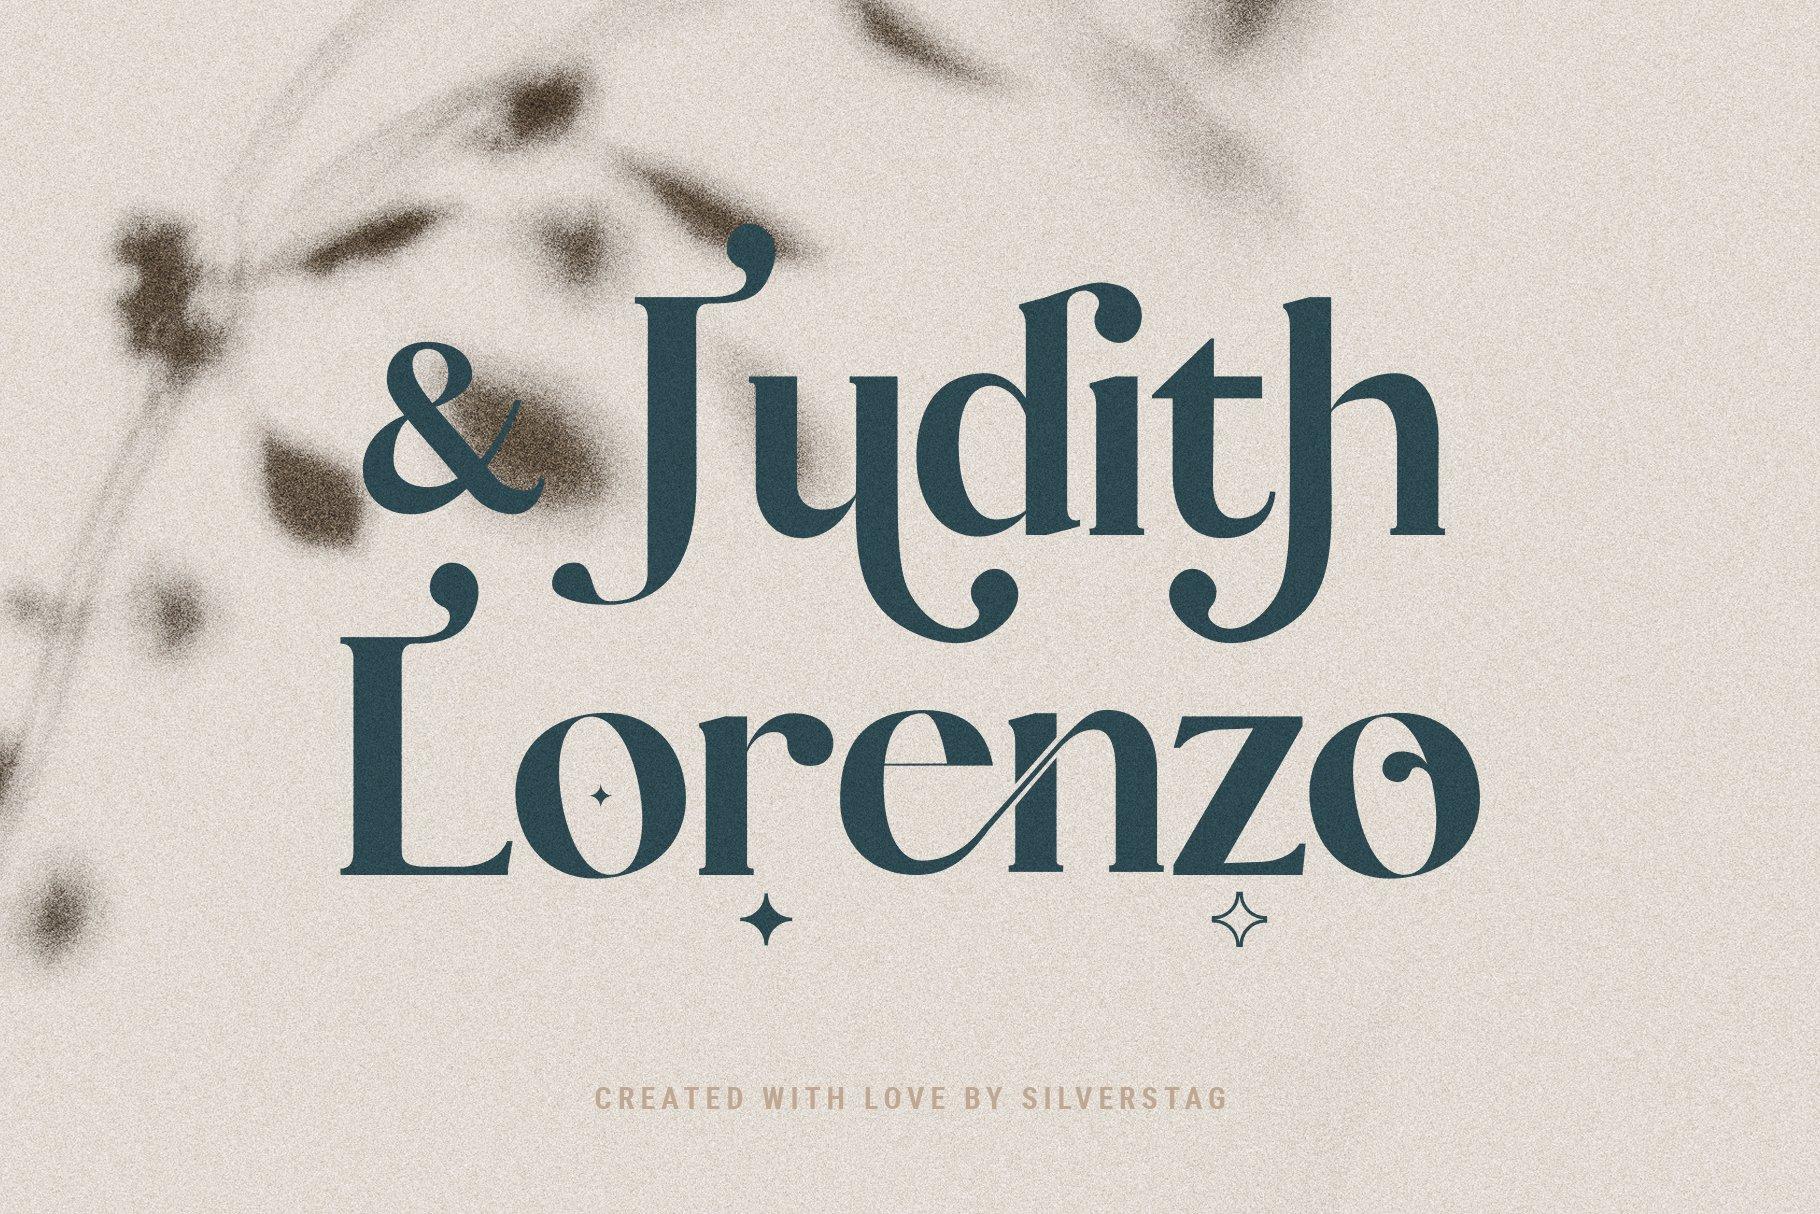 Vicky Christina - Chic & Stylish Ligature Serif Font example image 19